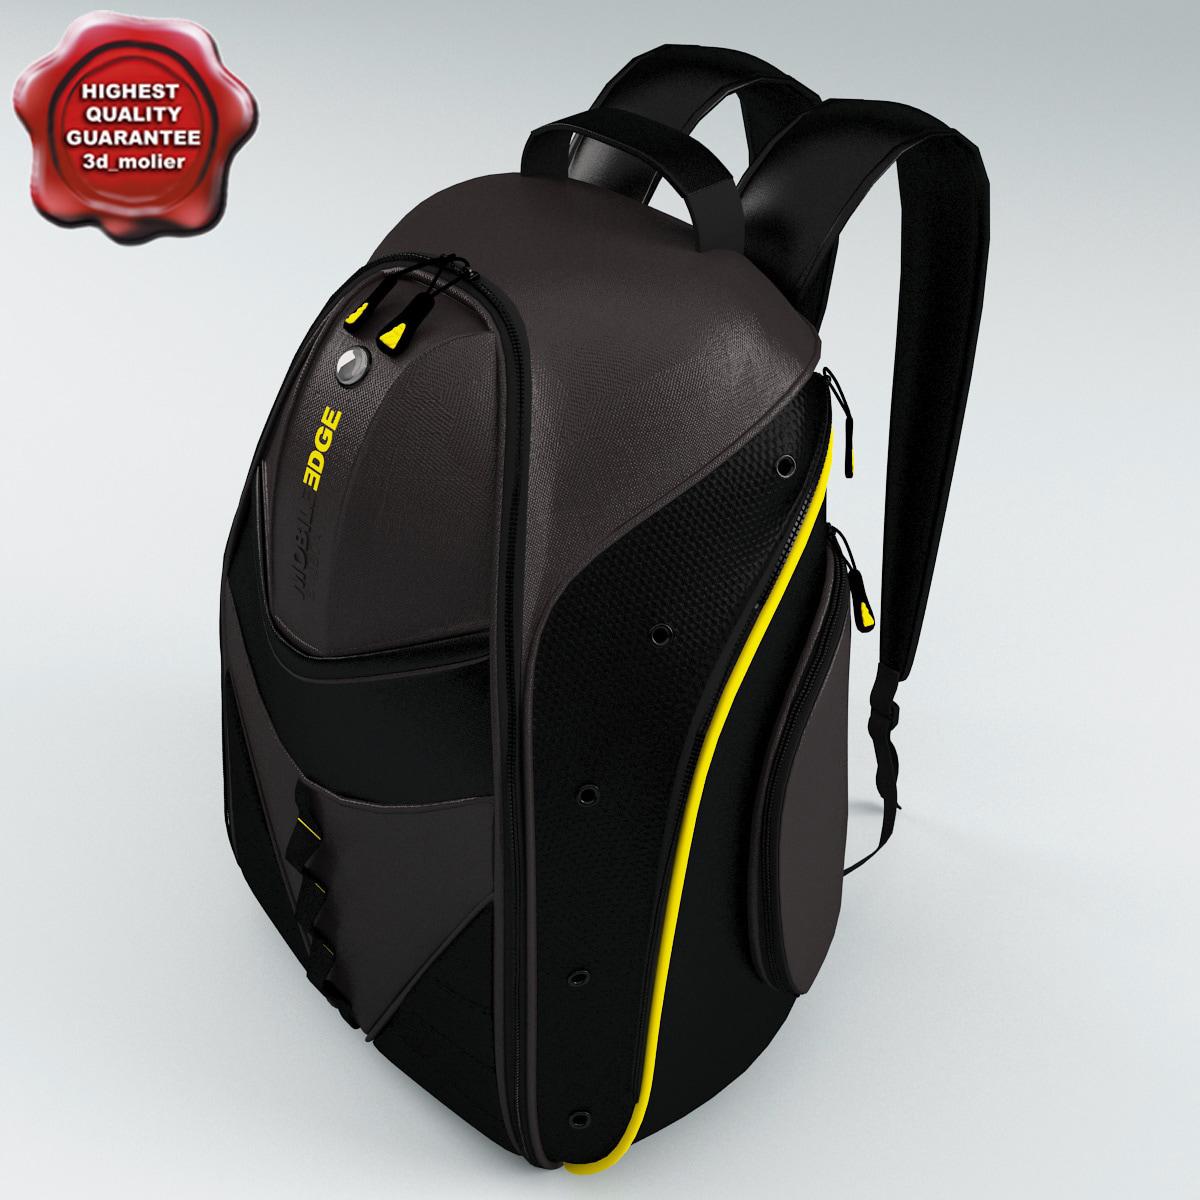 backpack expresss modelled 3d model